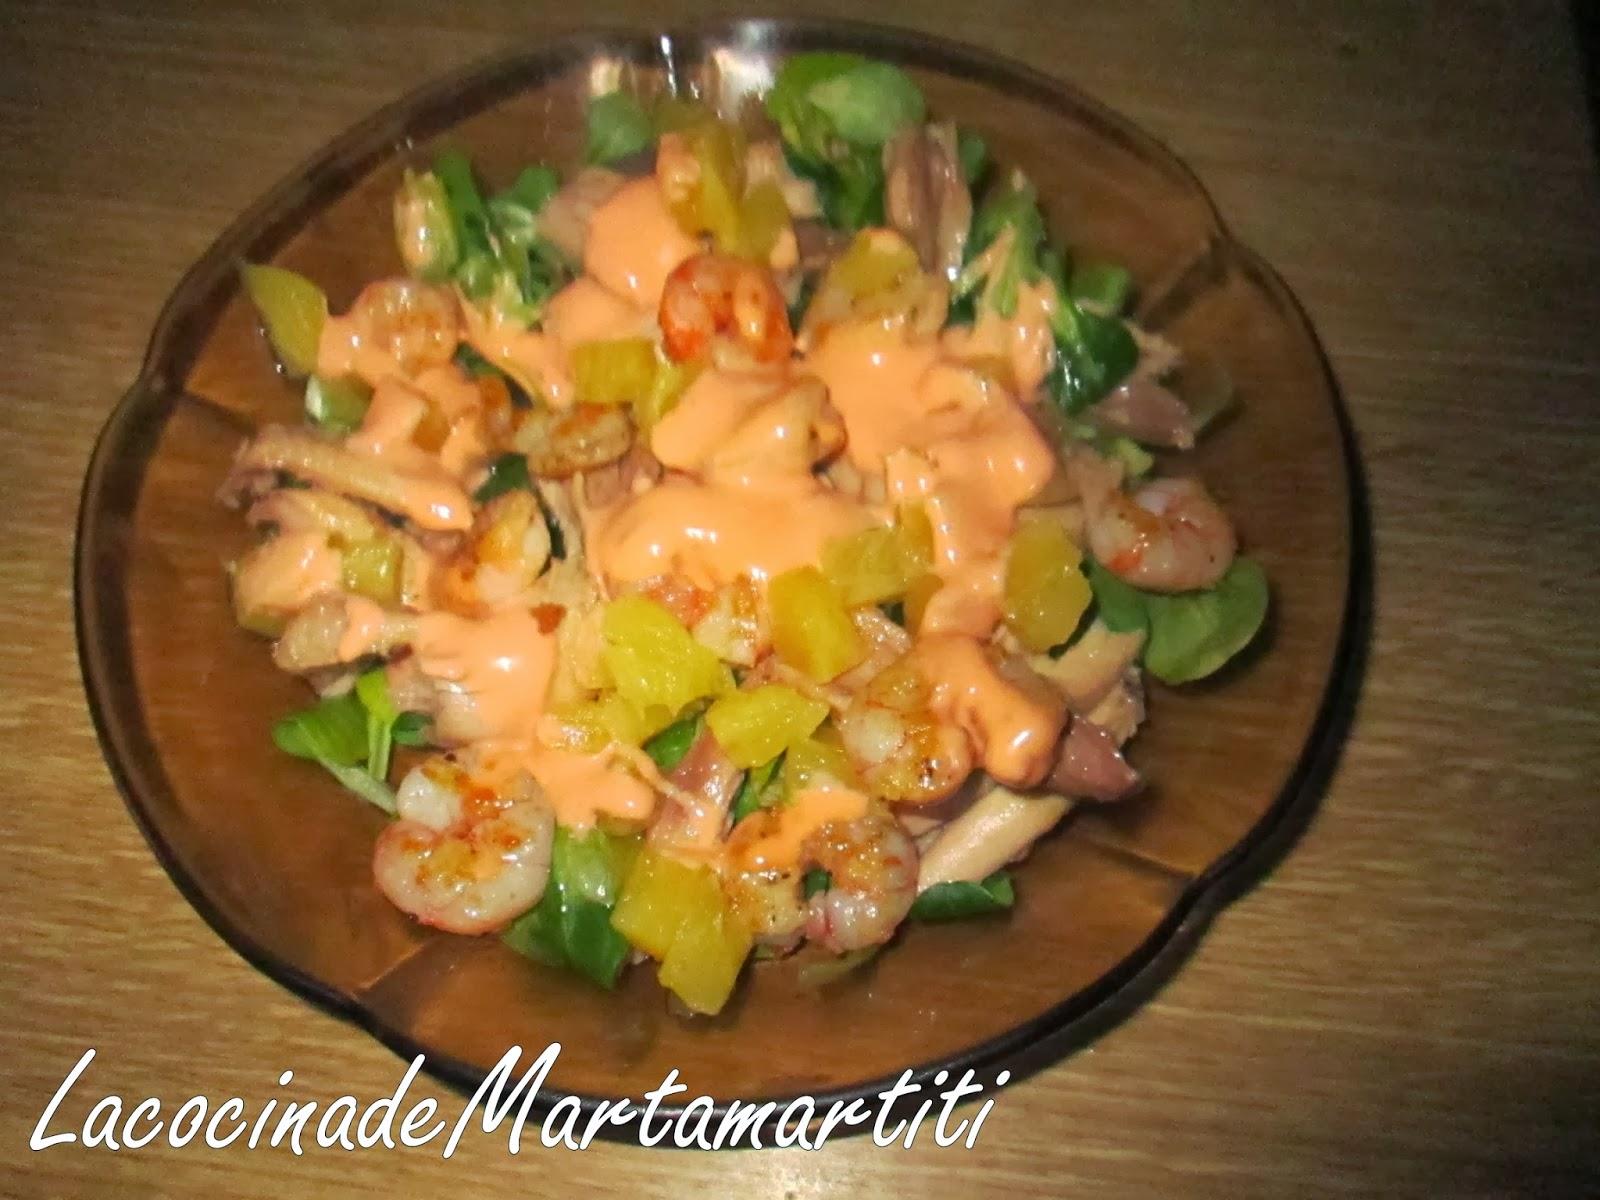 La cocina de martamartiti ensalada de can nigos con gambas - Ensaladas con canonigos ...